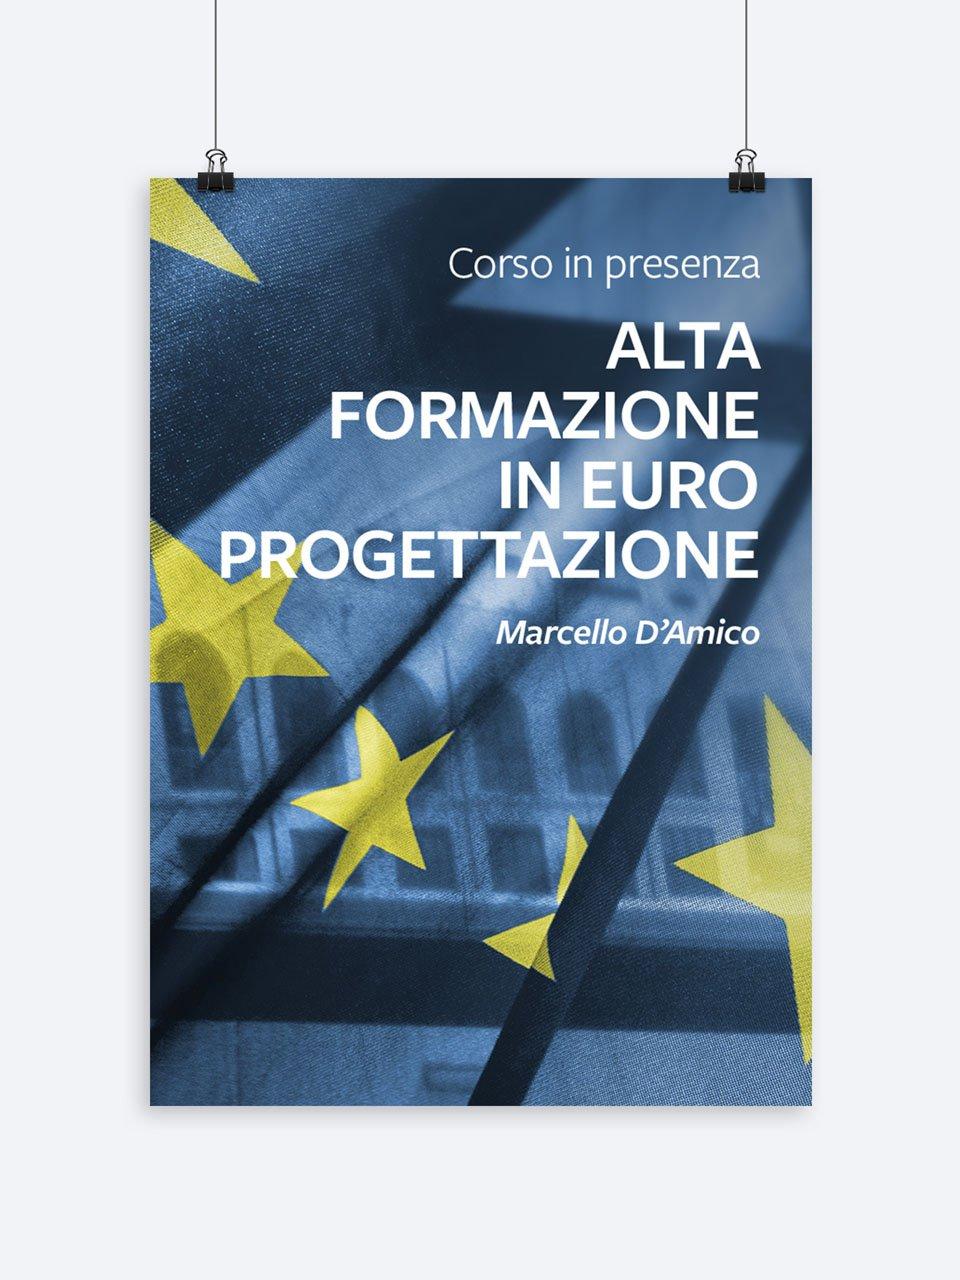 Alta formazione in Europrogettazione - Roma - Assistere gli anziani - EVITARE STRESS INUTILI - Libri - Erickson